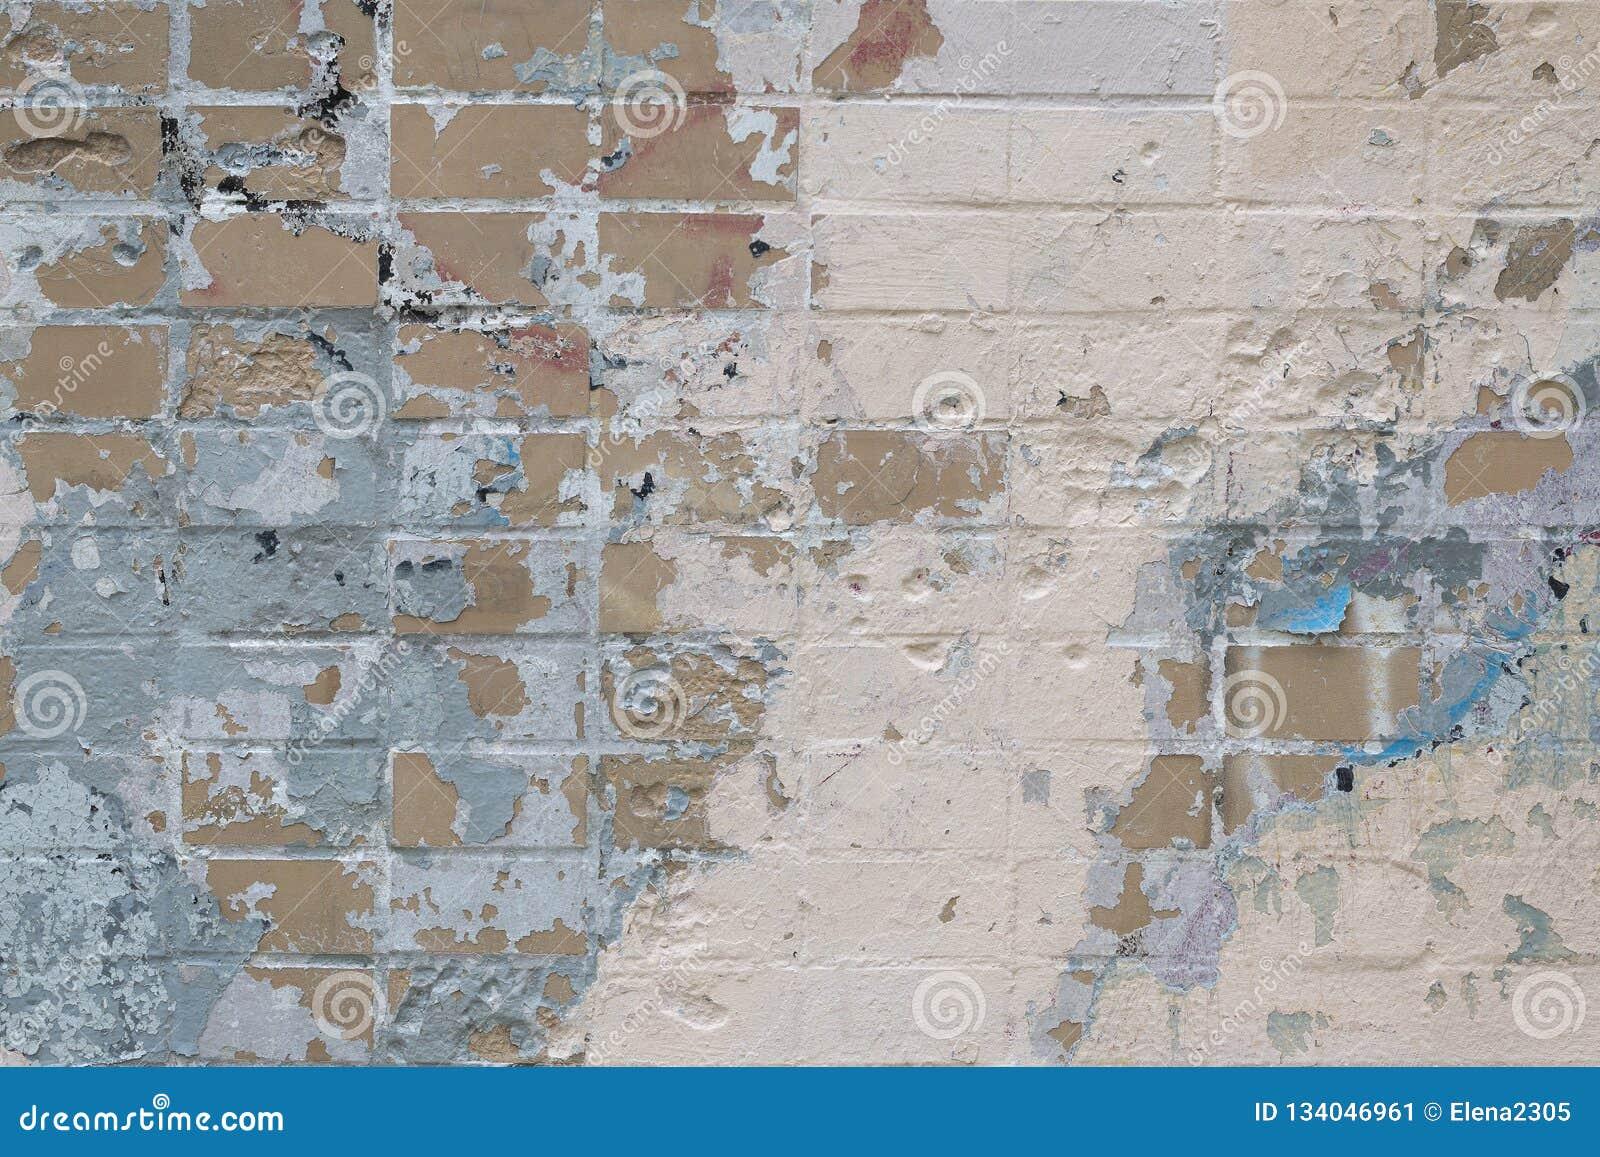 Mur De Briques Avec Des Taches De Vieux Peinture Et Plâtre D épluchage